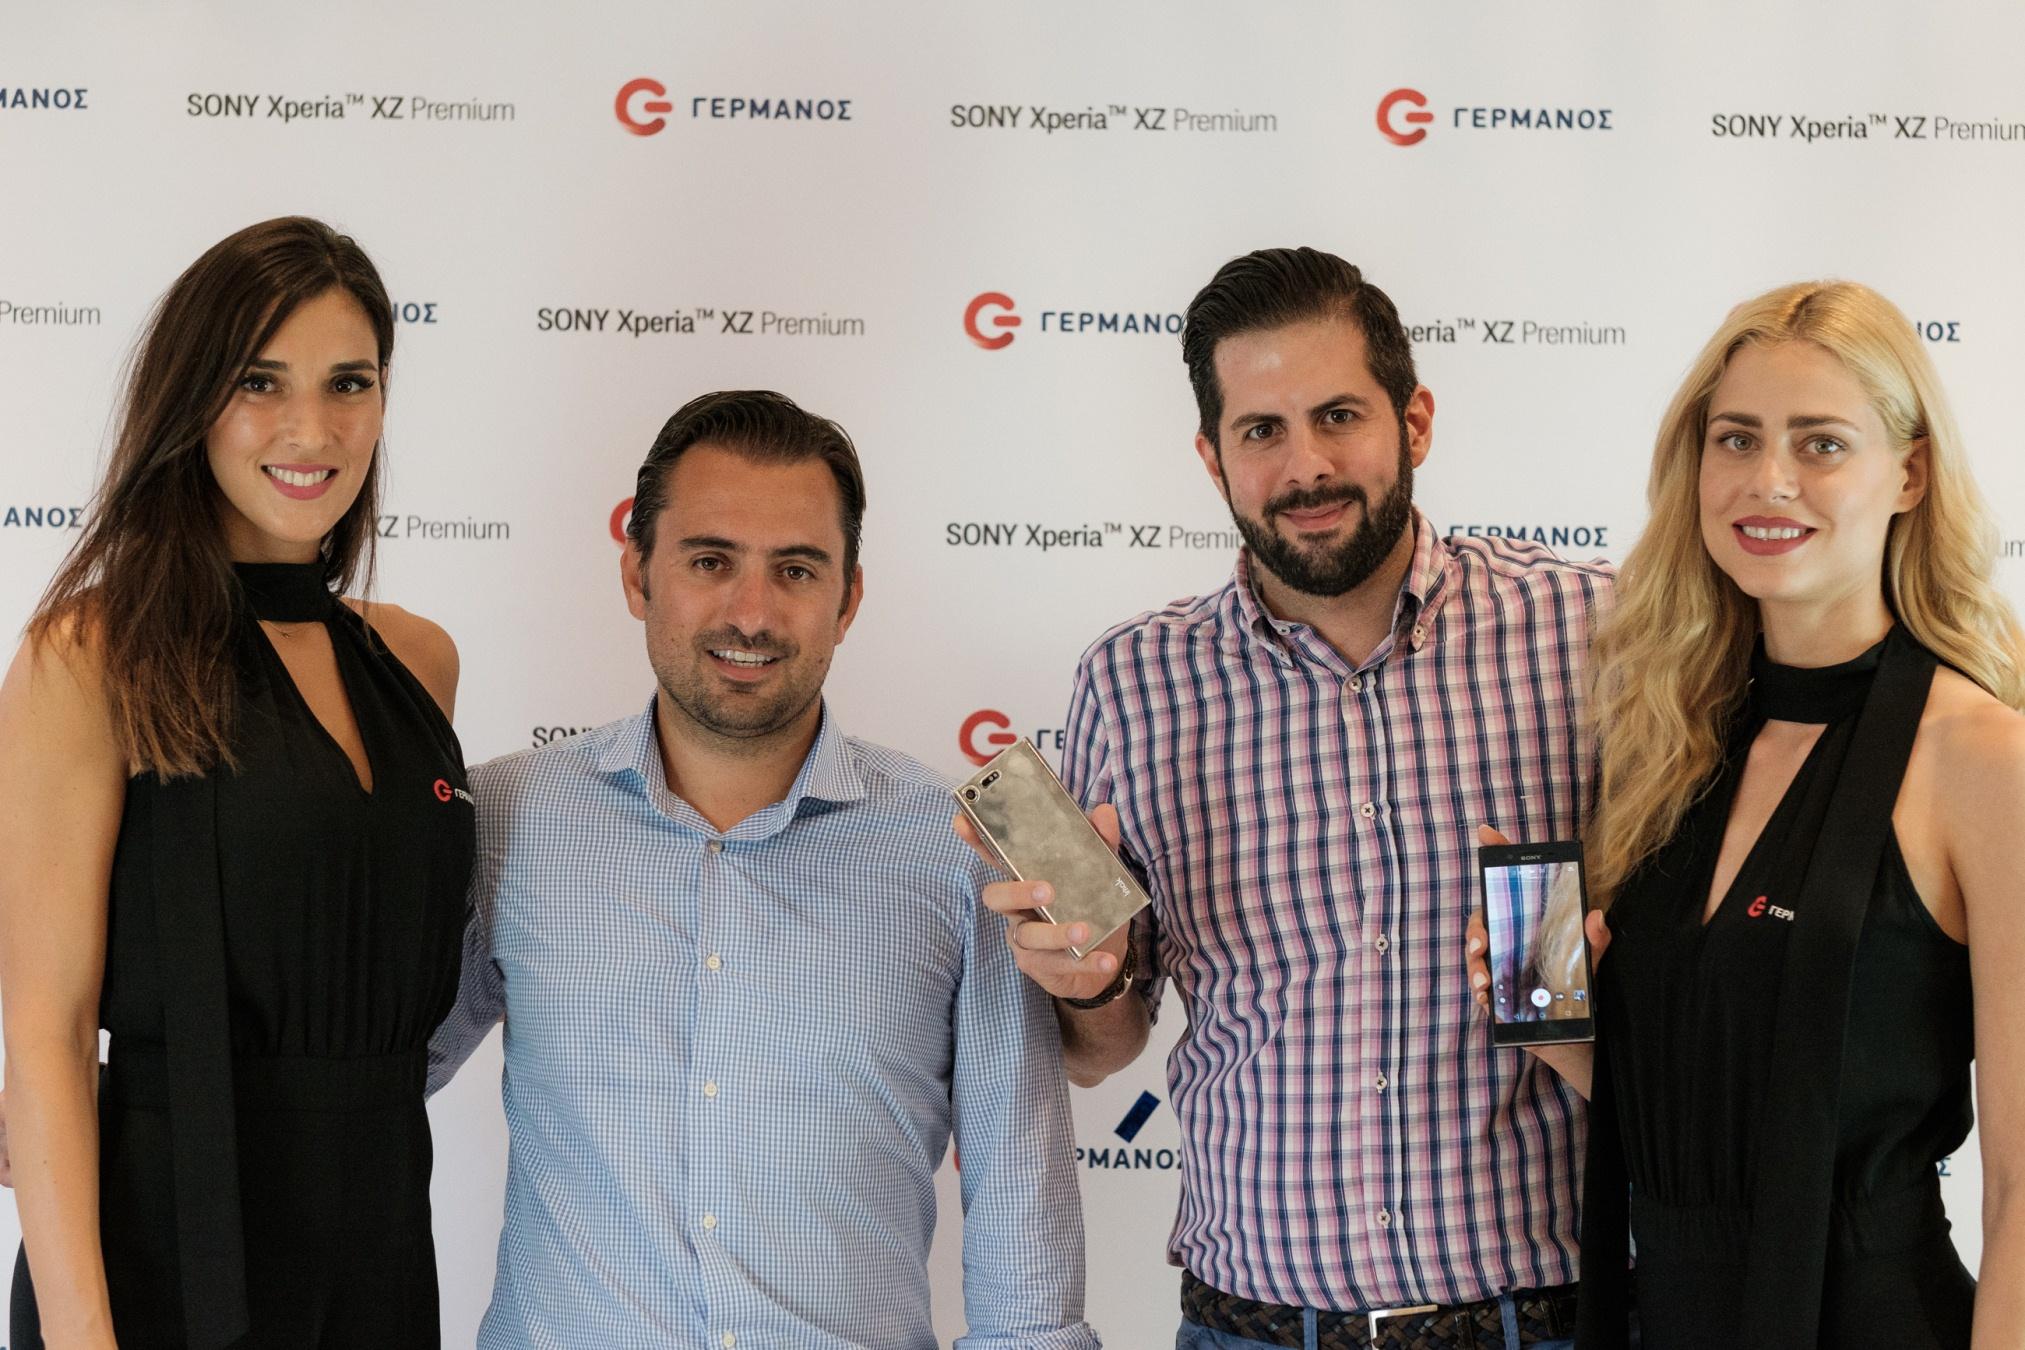 Mikroylakinews: Το Xperia Z από τη Sony στην ελληνική αγορά